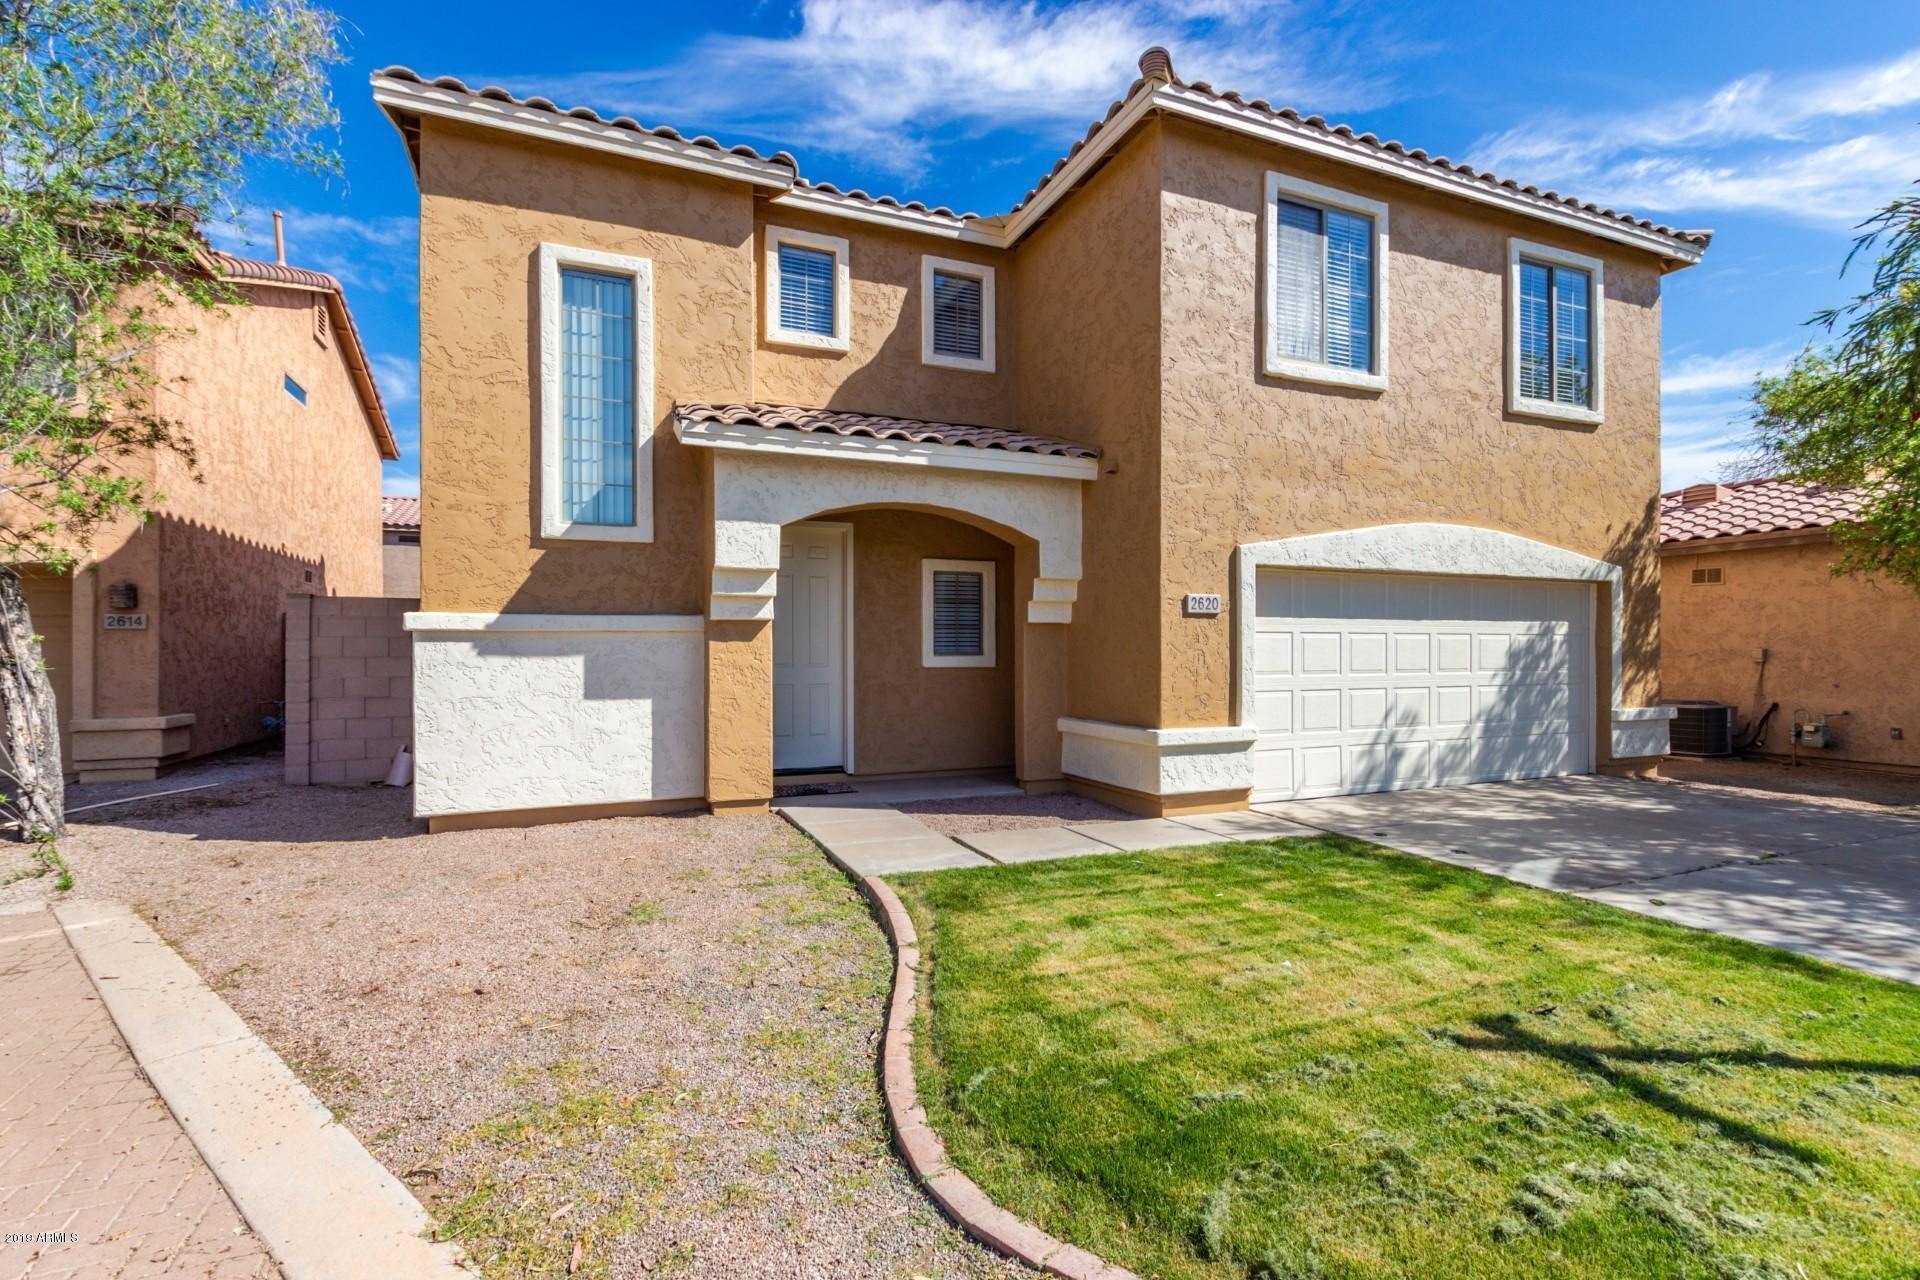 Photo of 2620 E WATERVIEW Court, Chandler, AZ 85249